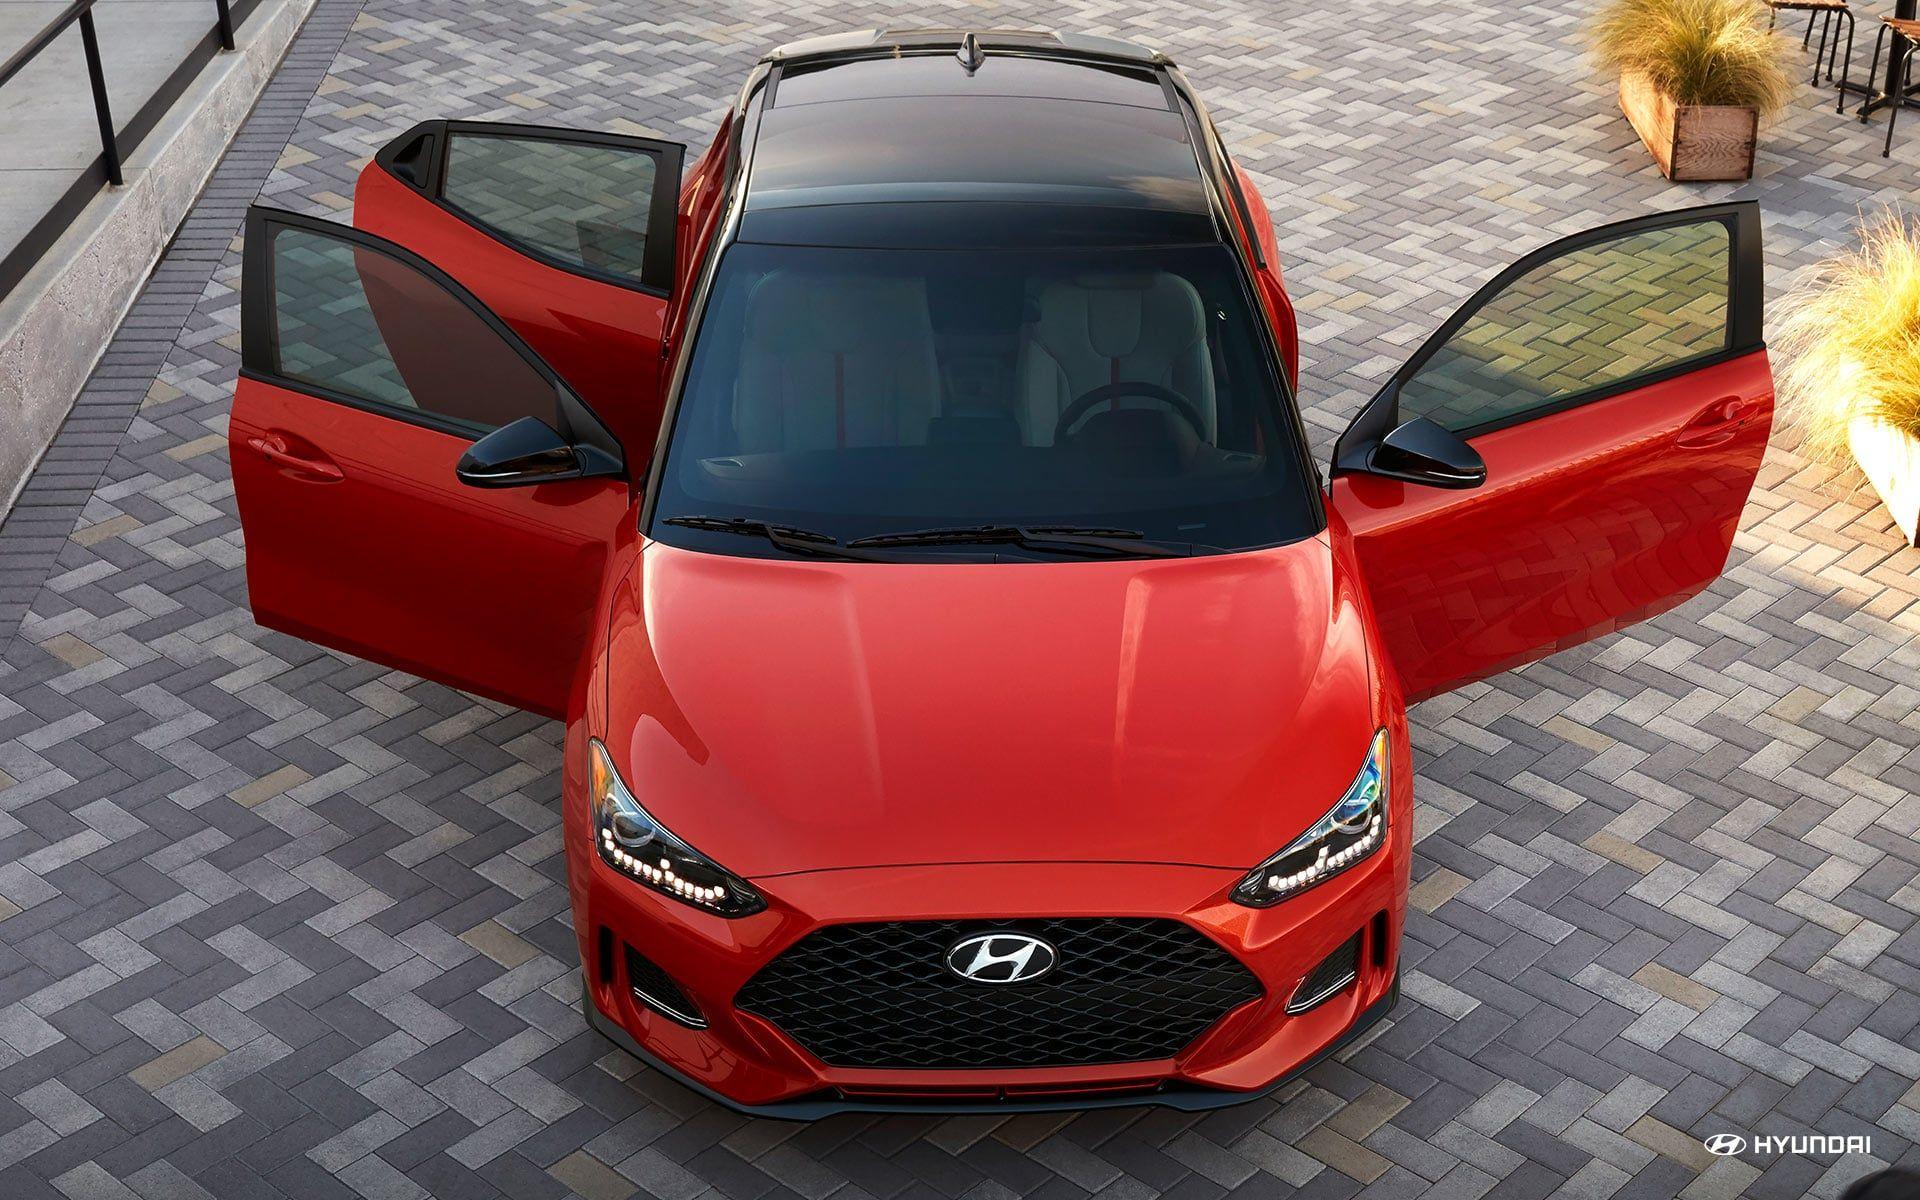 سياره هيونداي فيلوستر 2019 تتمتع السياره بتصميم رائع و متميز تتمتع ايضا بمحرك متميز في فئه الهاتشباك تتمتع ايضا السي Hyundai Veloster Veloster Turbo Hyundai